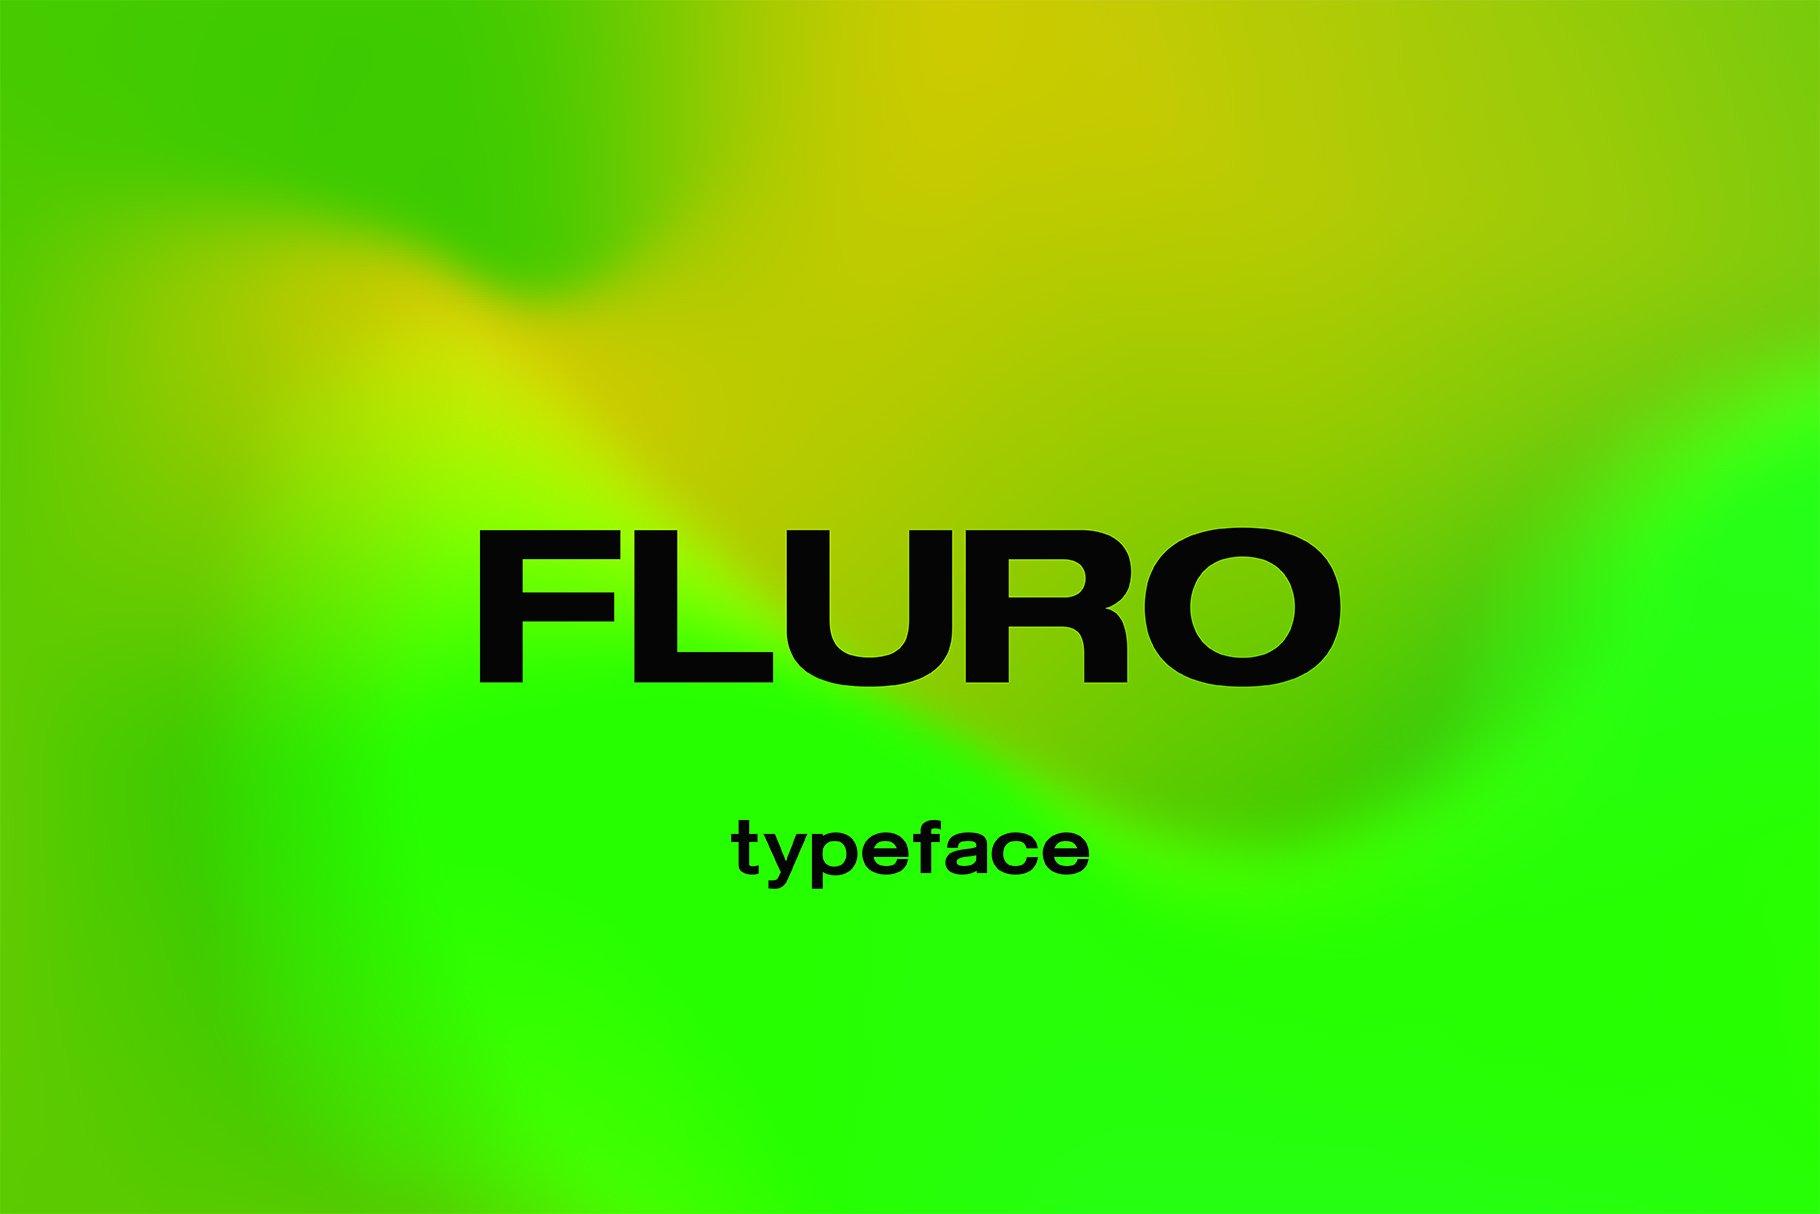 现代简约无衬线英文字体下载 FLURO Typeface插图